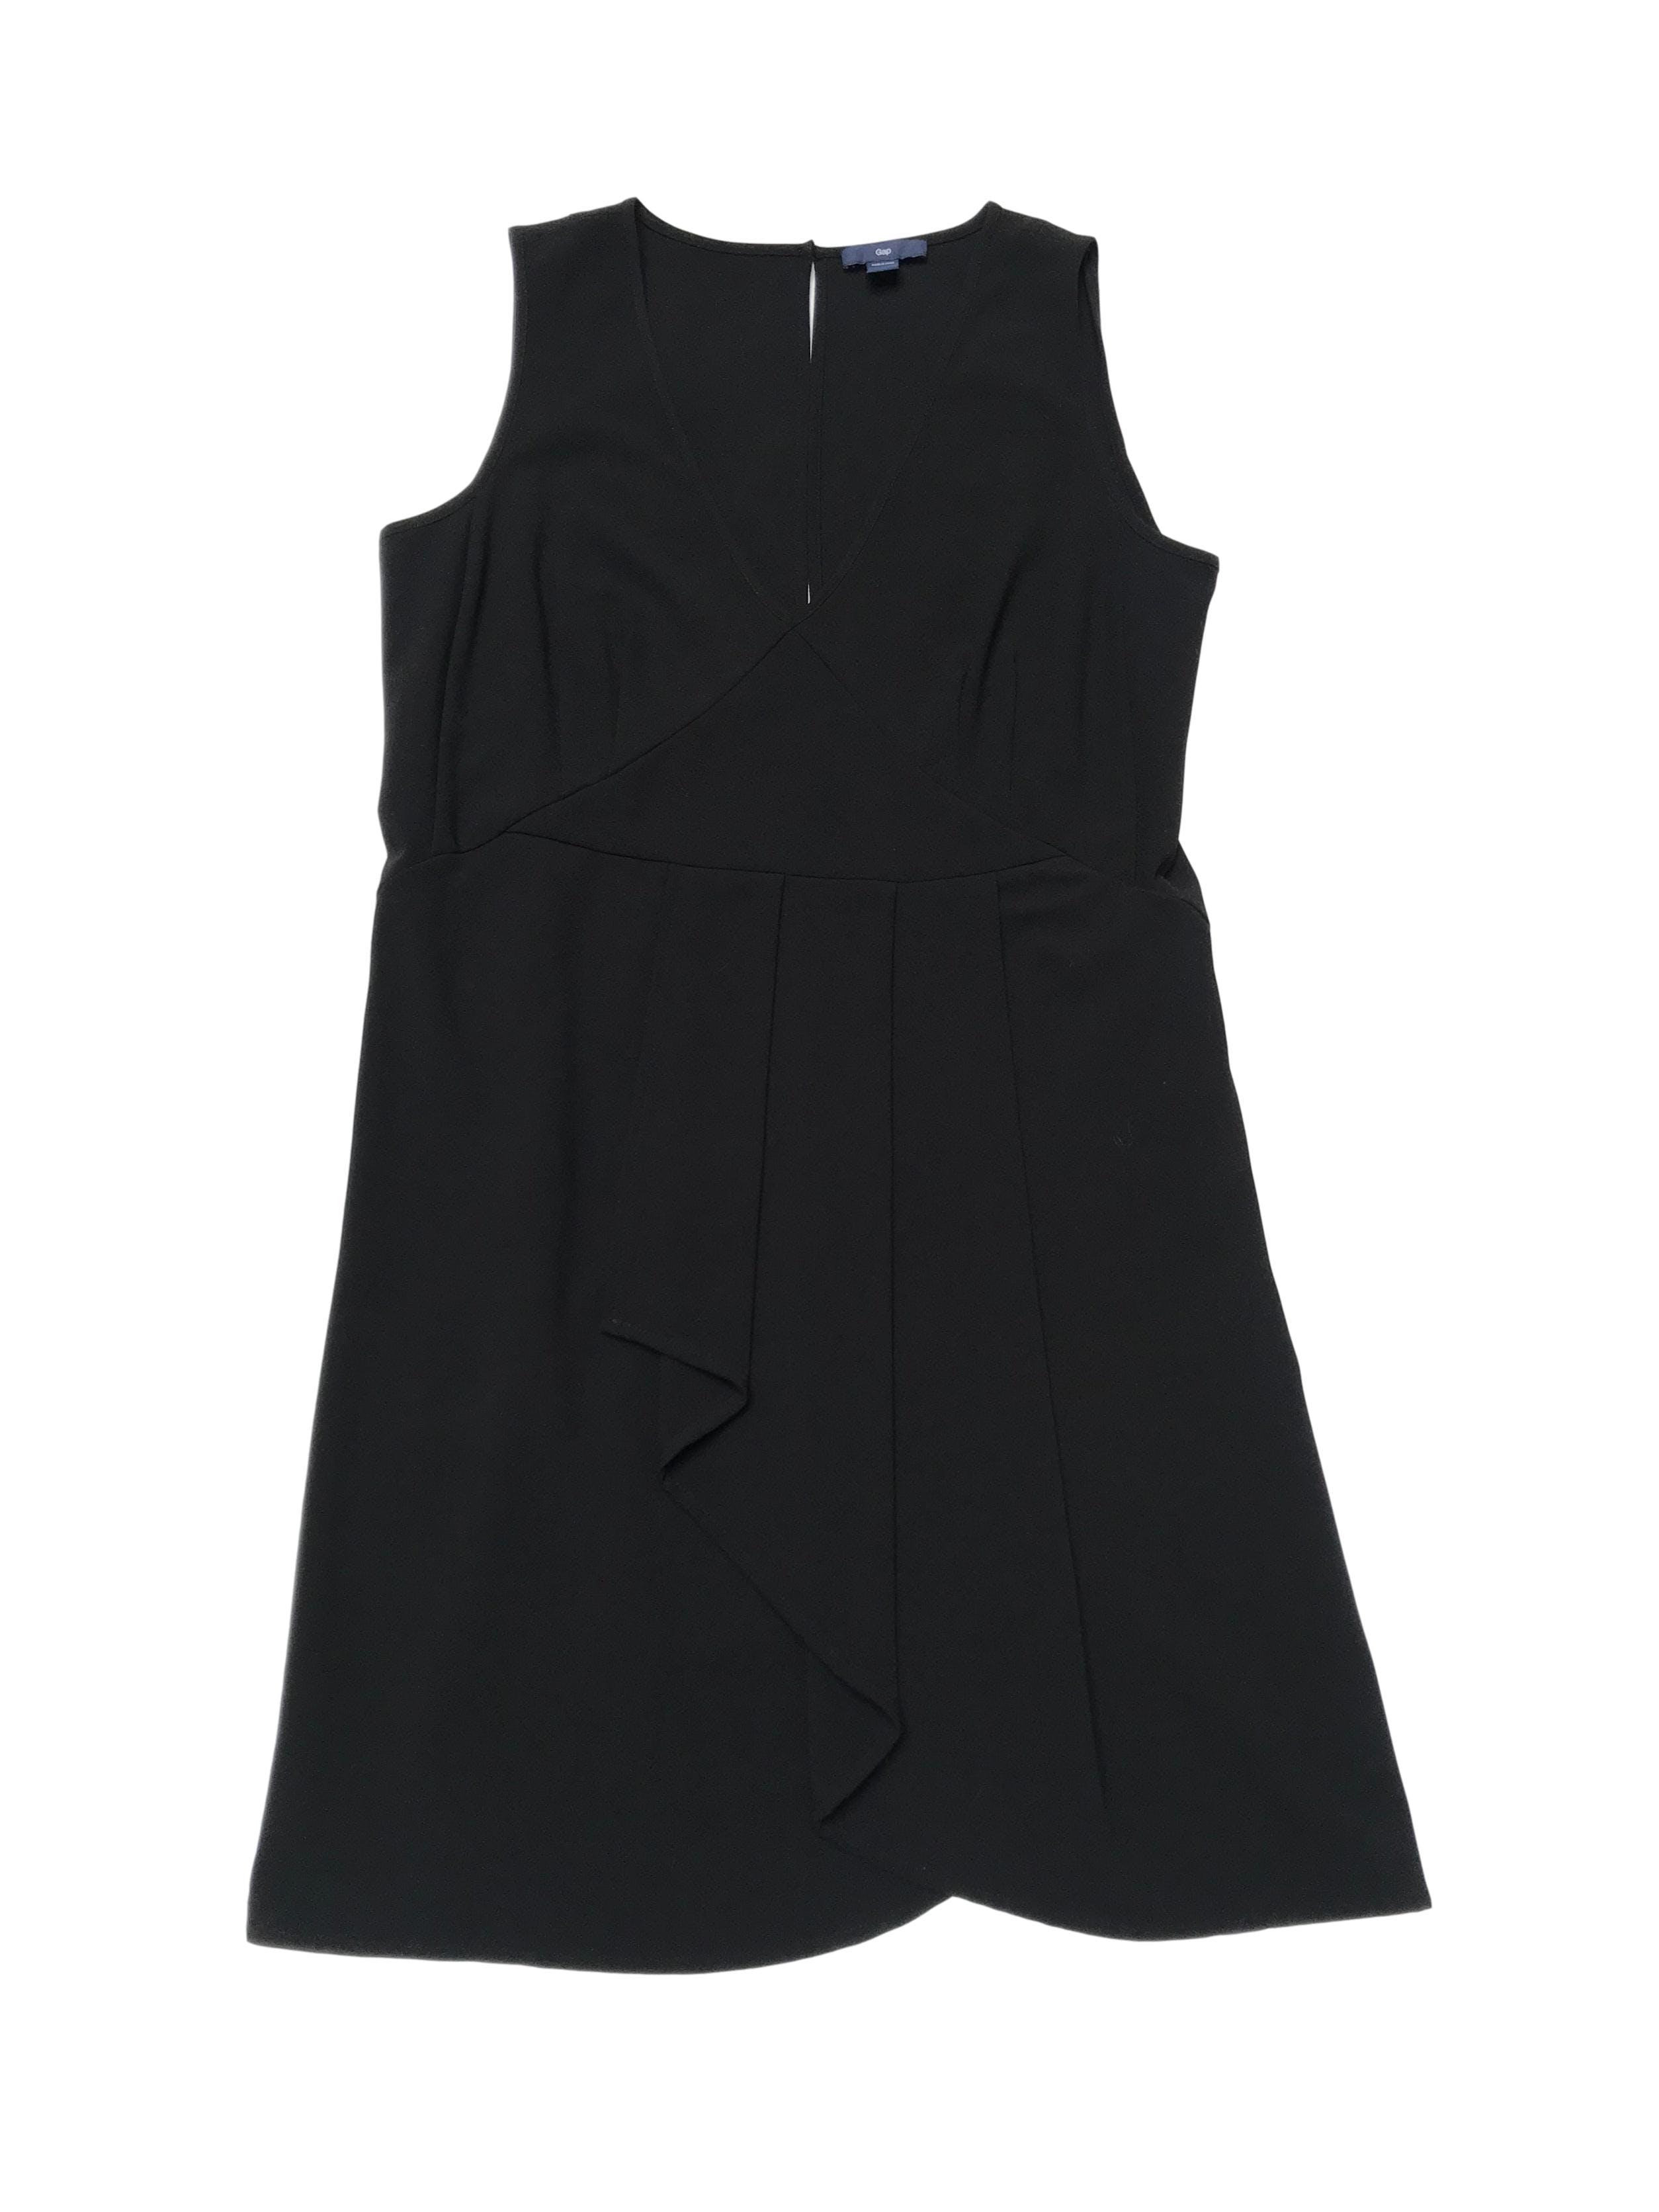 Vestido GAP negro con escote V delantero y gota en la espalda, pliegues en la falda. Busto 98cm Largo 92cm